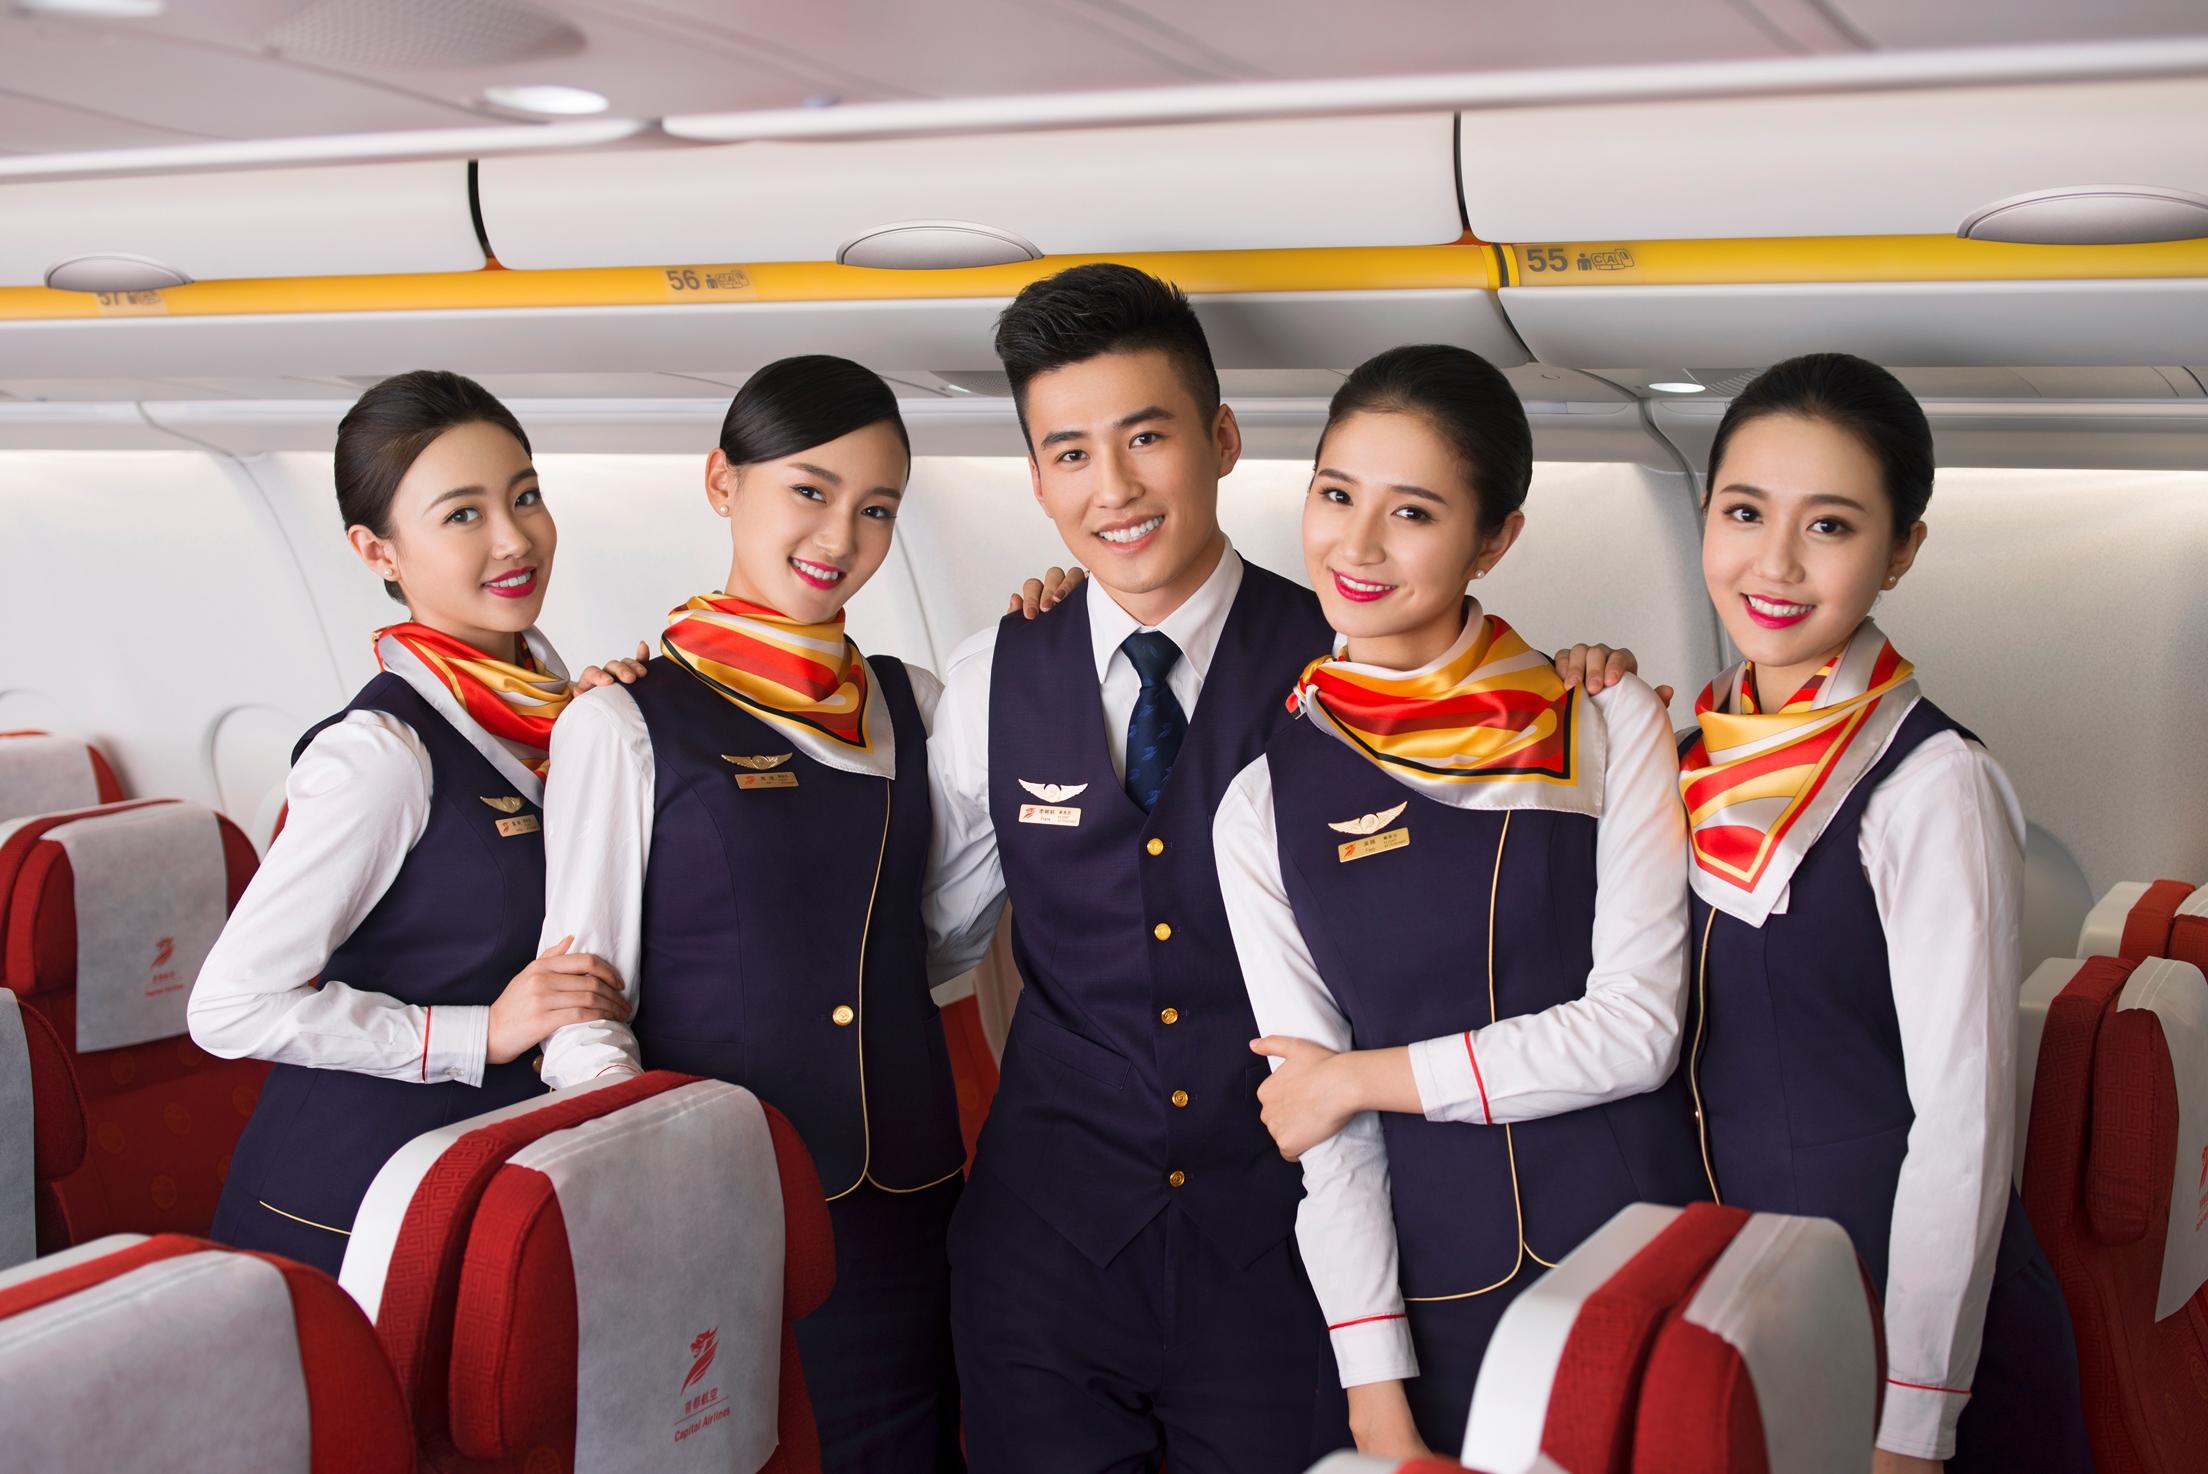 Αποτέλεσμα εικόνας για Beijing Capital Airlines